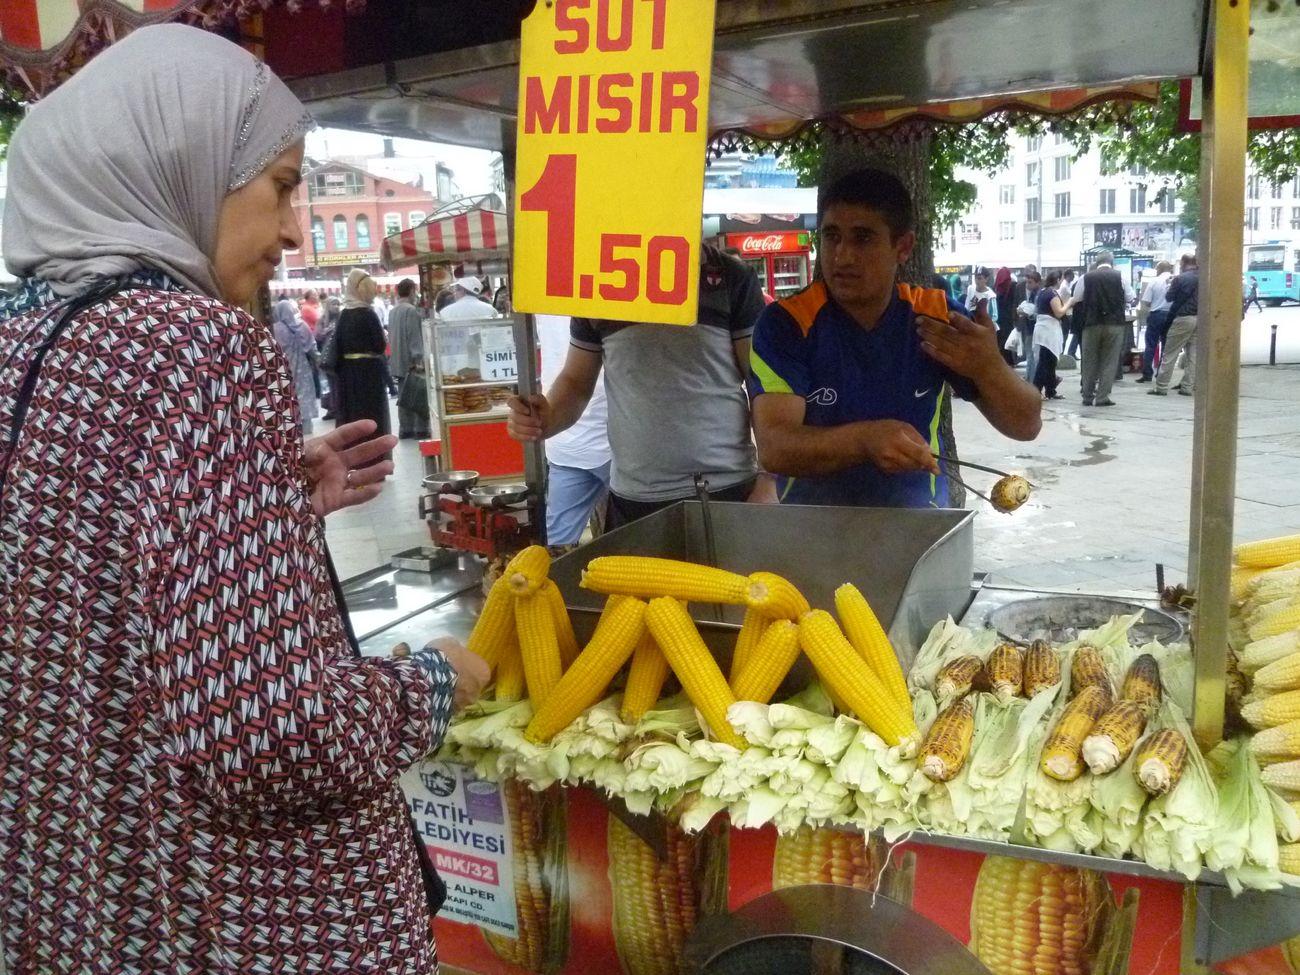 Istanbul Turkey Market Roasted Corn Turkey Travel Travelingtheworld  Taking Photos Picoftheday People